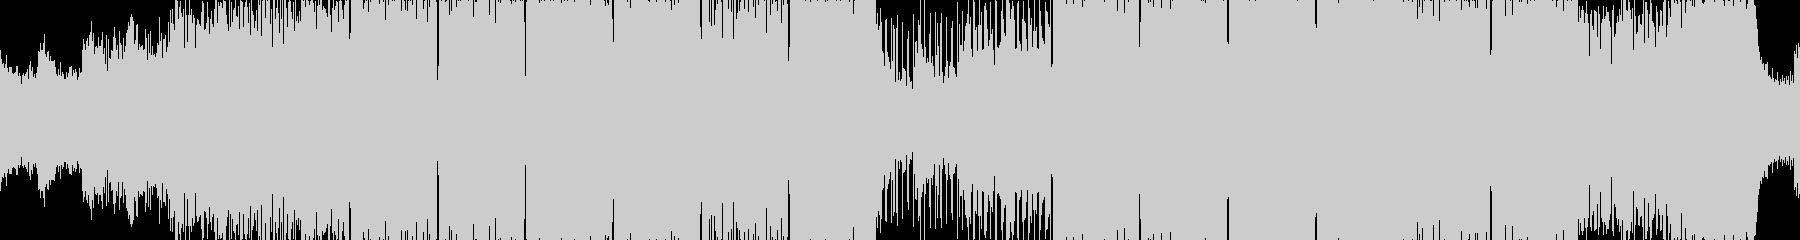 ループ■冷気とコンクリートのテクノの未再生の波形